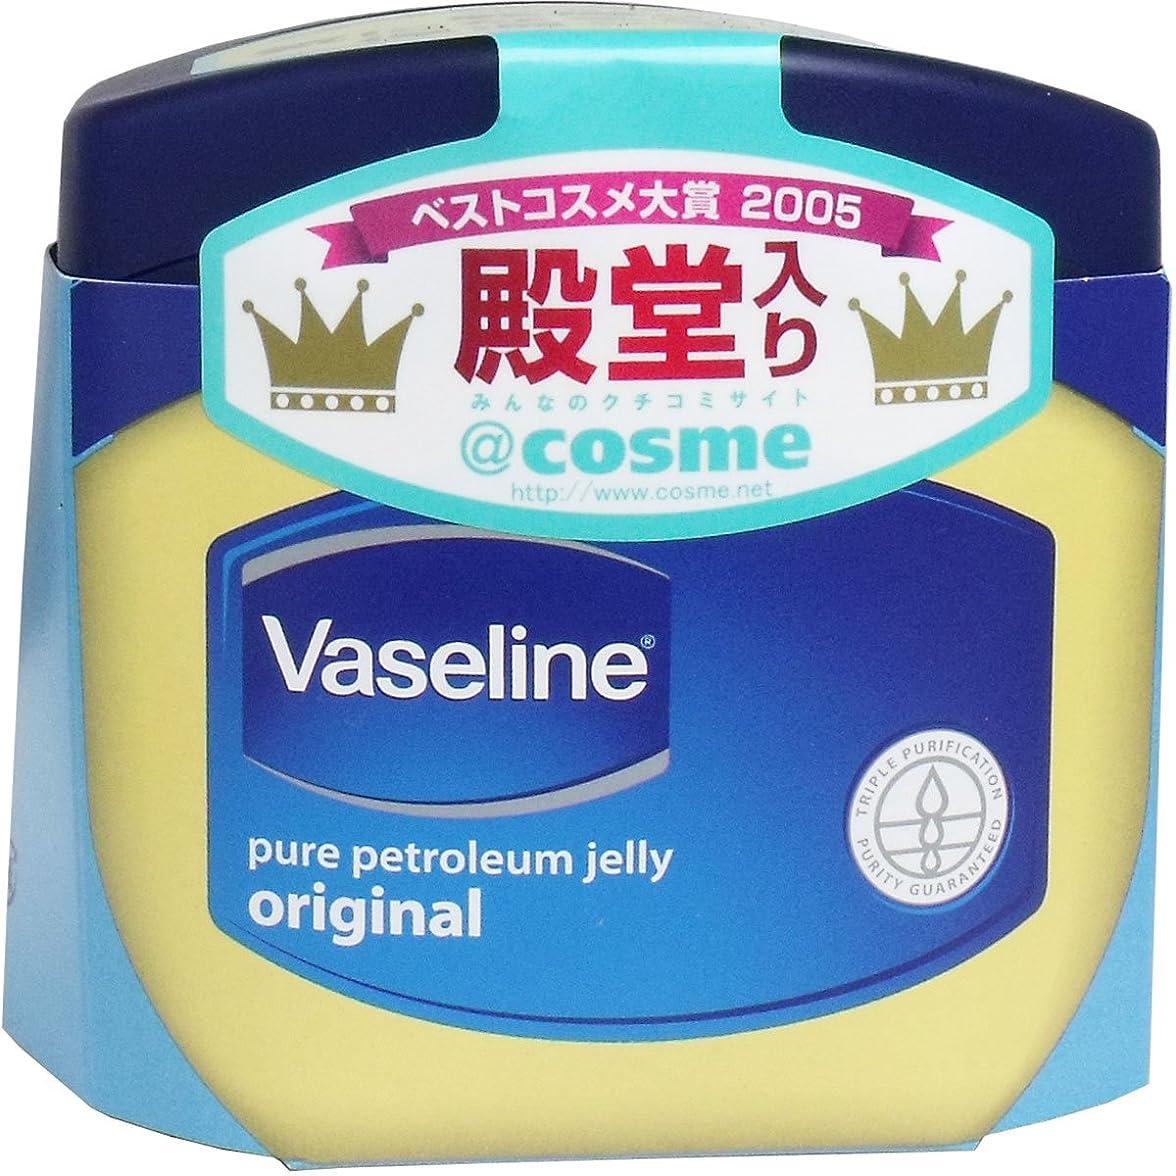 ブラジャーなんでもホイッスル【Vaseline】ヴァセリン ピュアスキンジェリー (スキンオイル) 200g ×10個セット